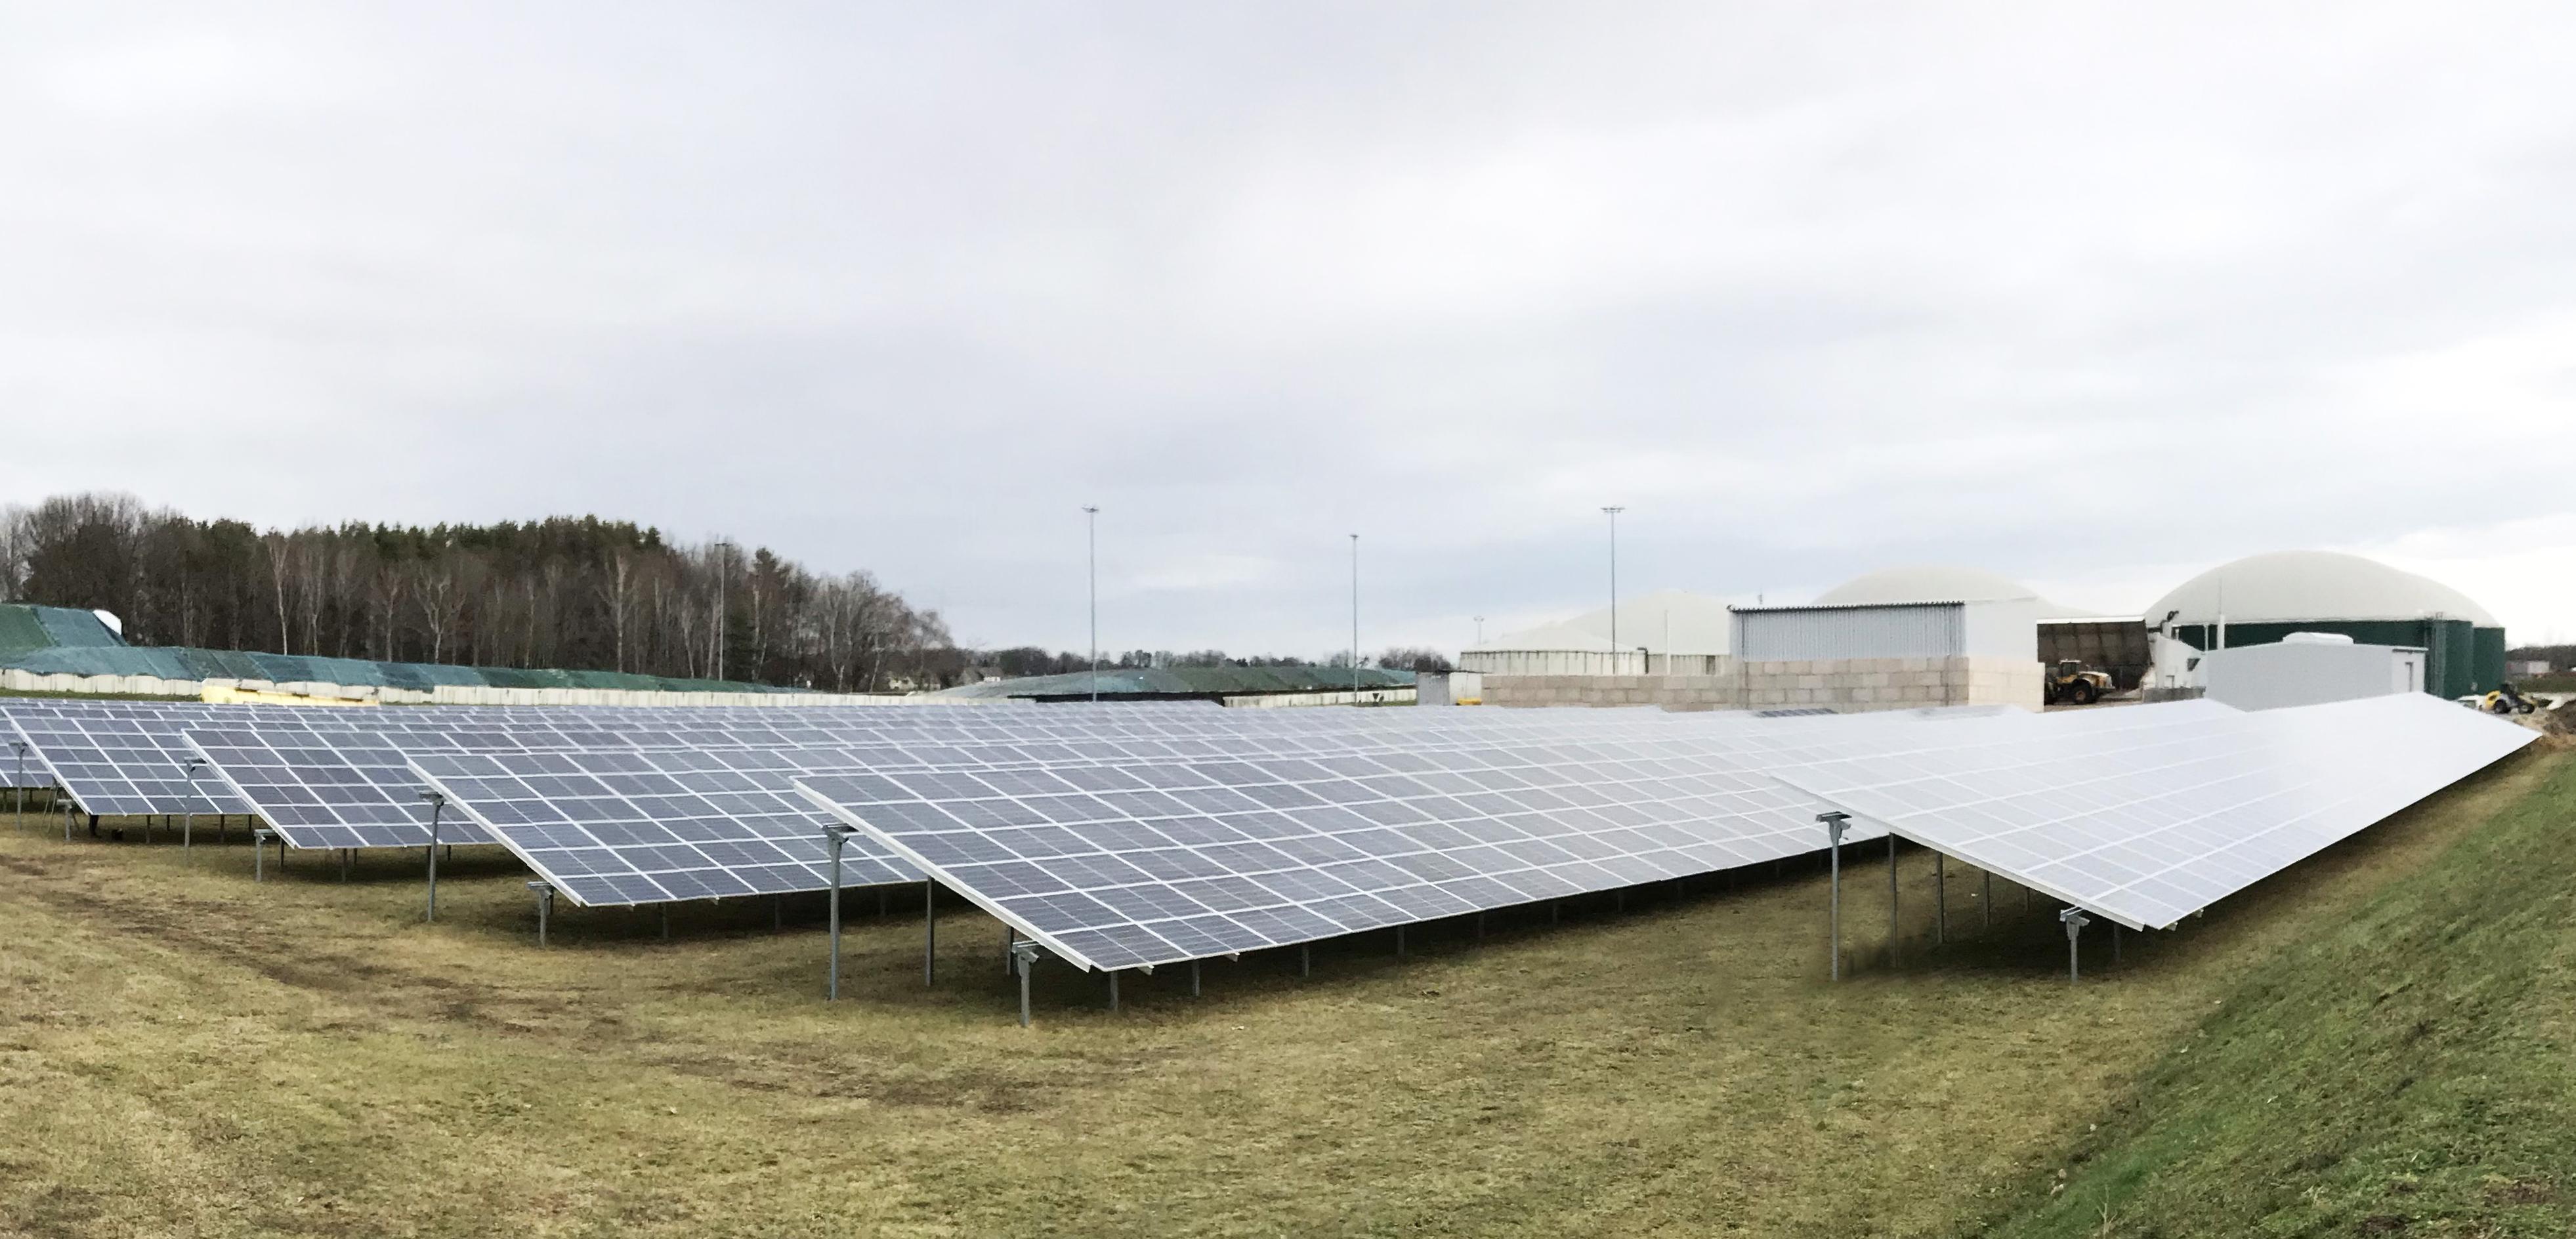 Die PV-Anlage in Forst produziert Solarstrom für den Eigenbedarf der Biogasanlage.